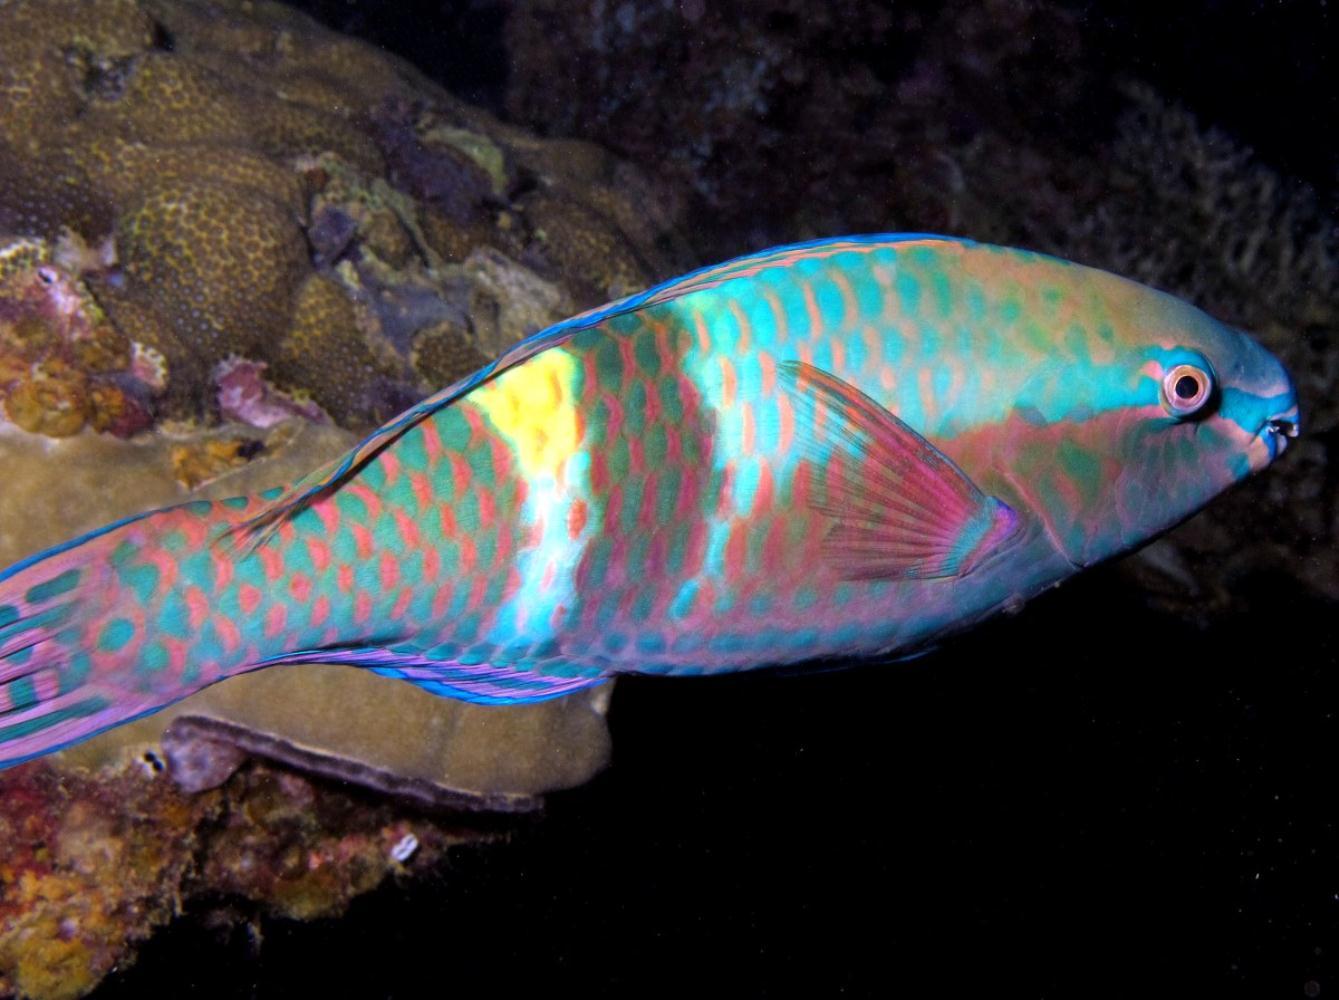 Yellowband parrotfish